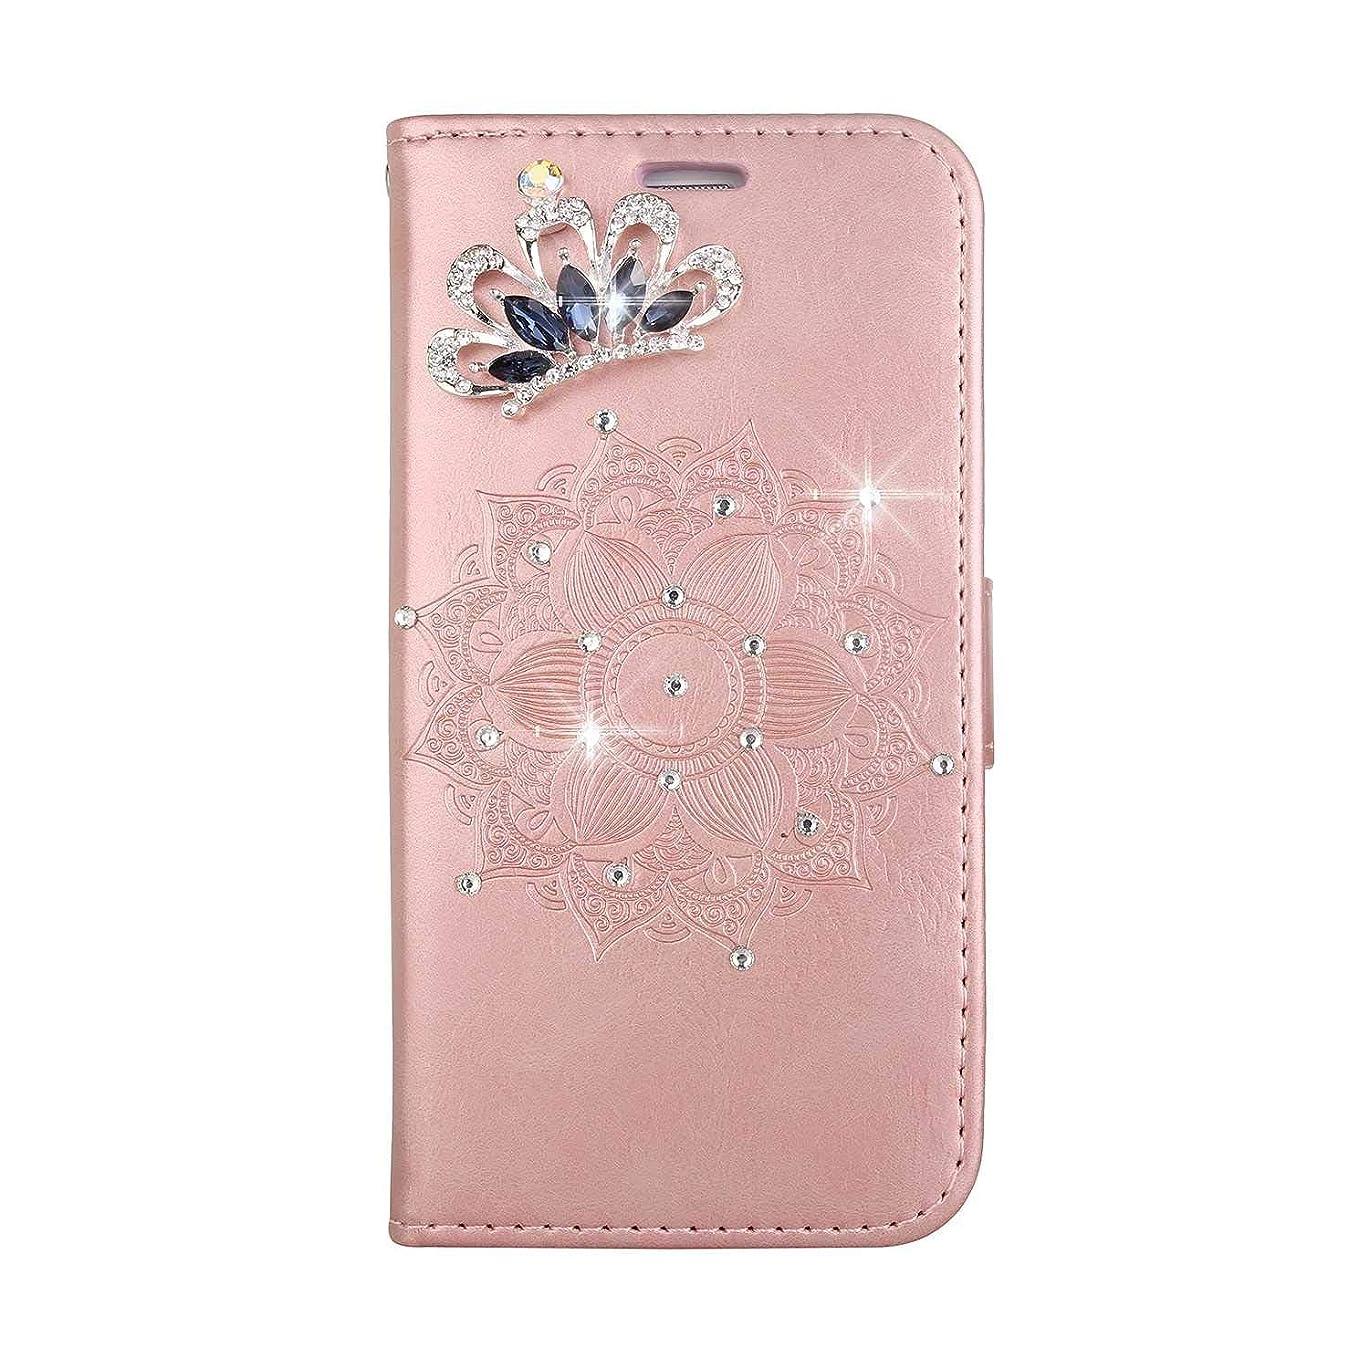 と闘うエンコミウム努力OMATENTI Galaxy J5 2016 ケース, ファッション人気ダイヤモンドの輝きエンボスパターン PUレザー 落下防止 財布型カバー 付きカードホルダー Galaxy J5 2016 用,ピンク